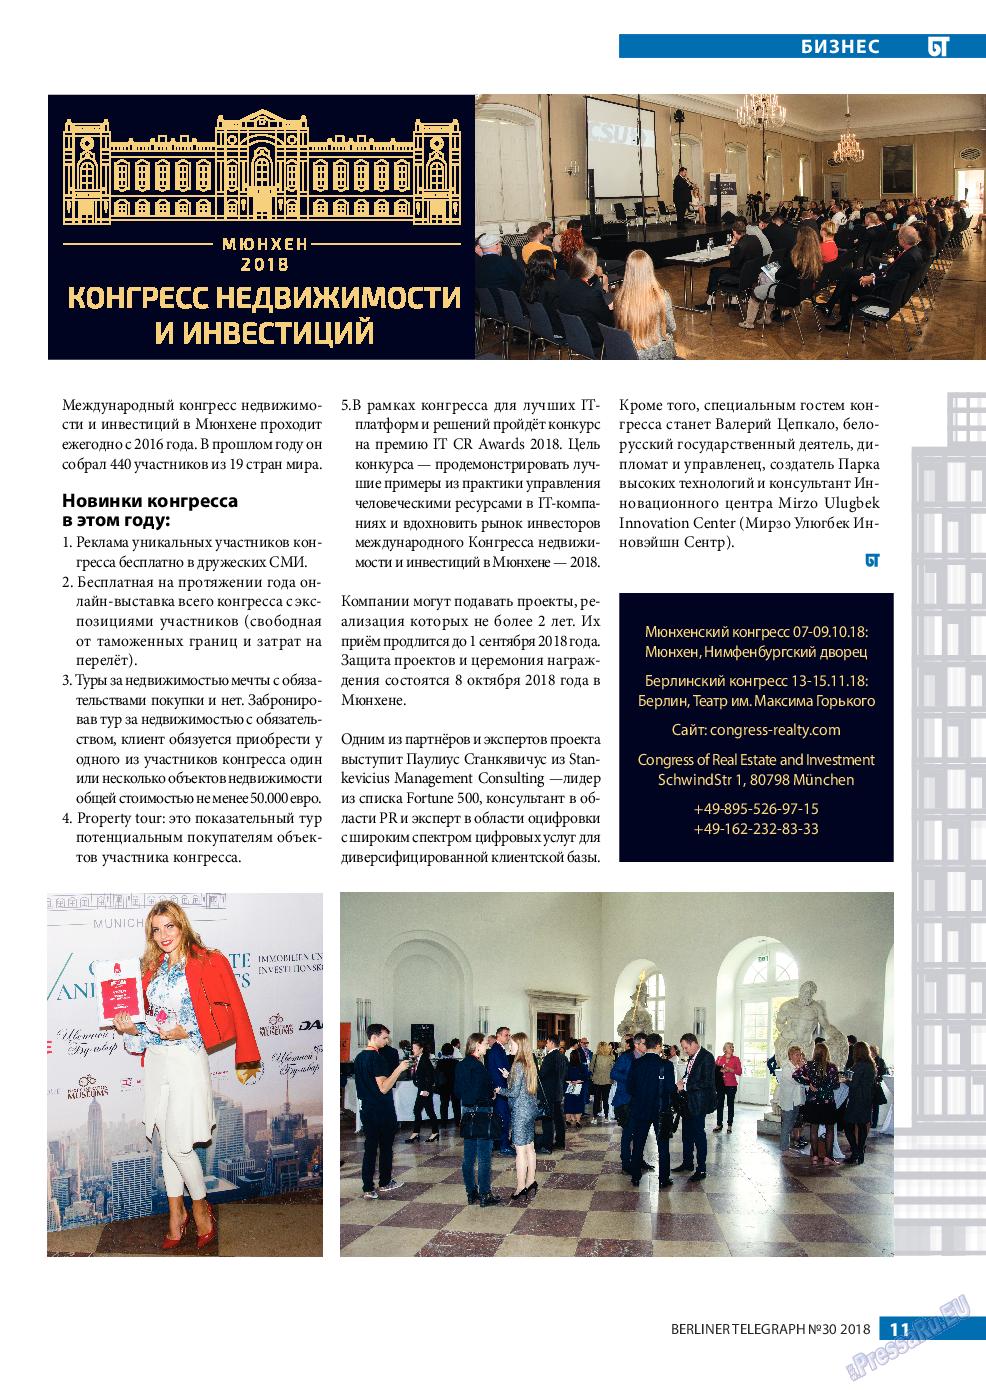 Берлинский телеграф (журнал). 2018 год, номер 30, стр. 11